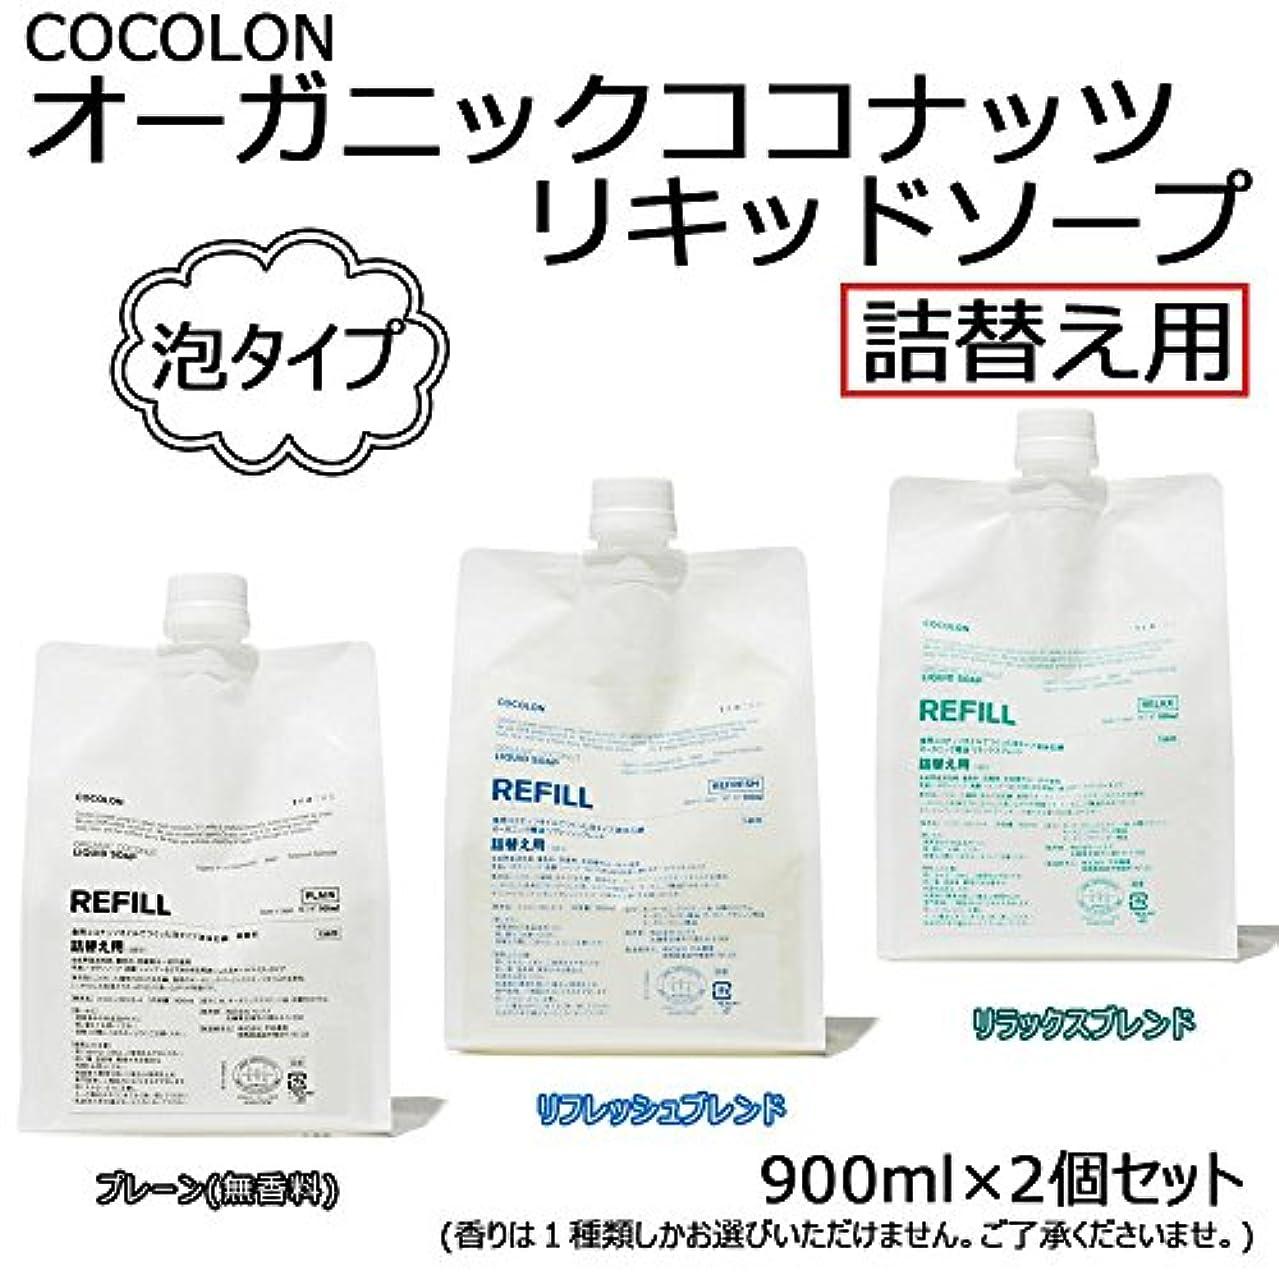 モードリン起業家冷蔵するCOCOLON ココロン オーガニックココナッツリキッドソープ 泡タイプ 詰替え用 900ml 2個セット プレーン(無香料)